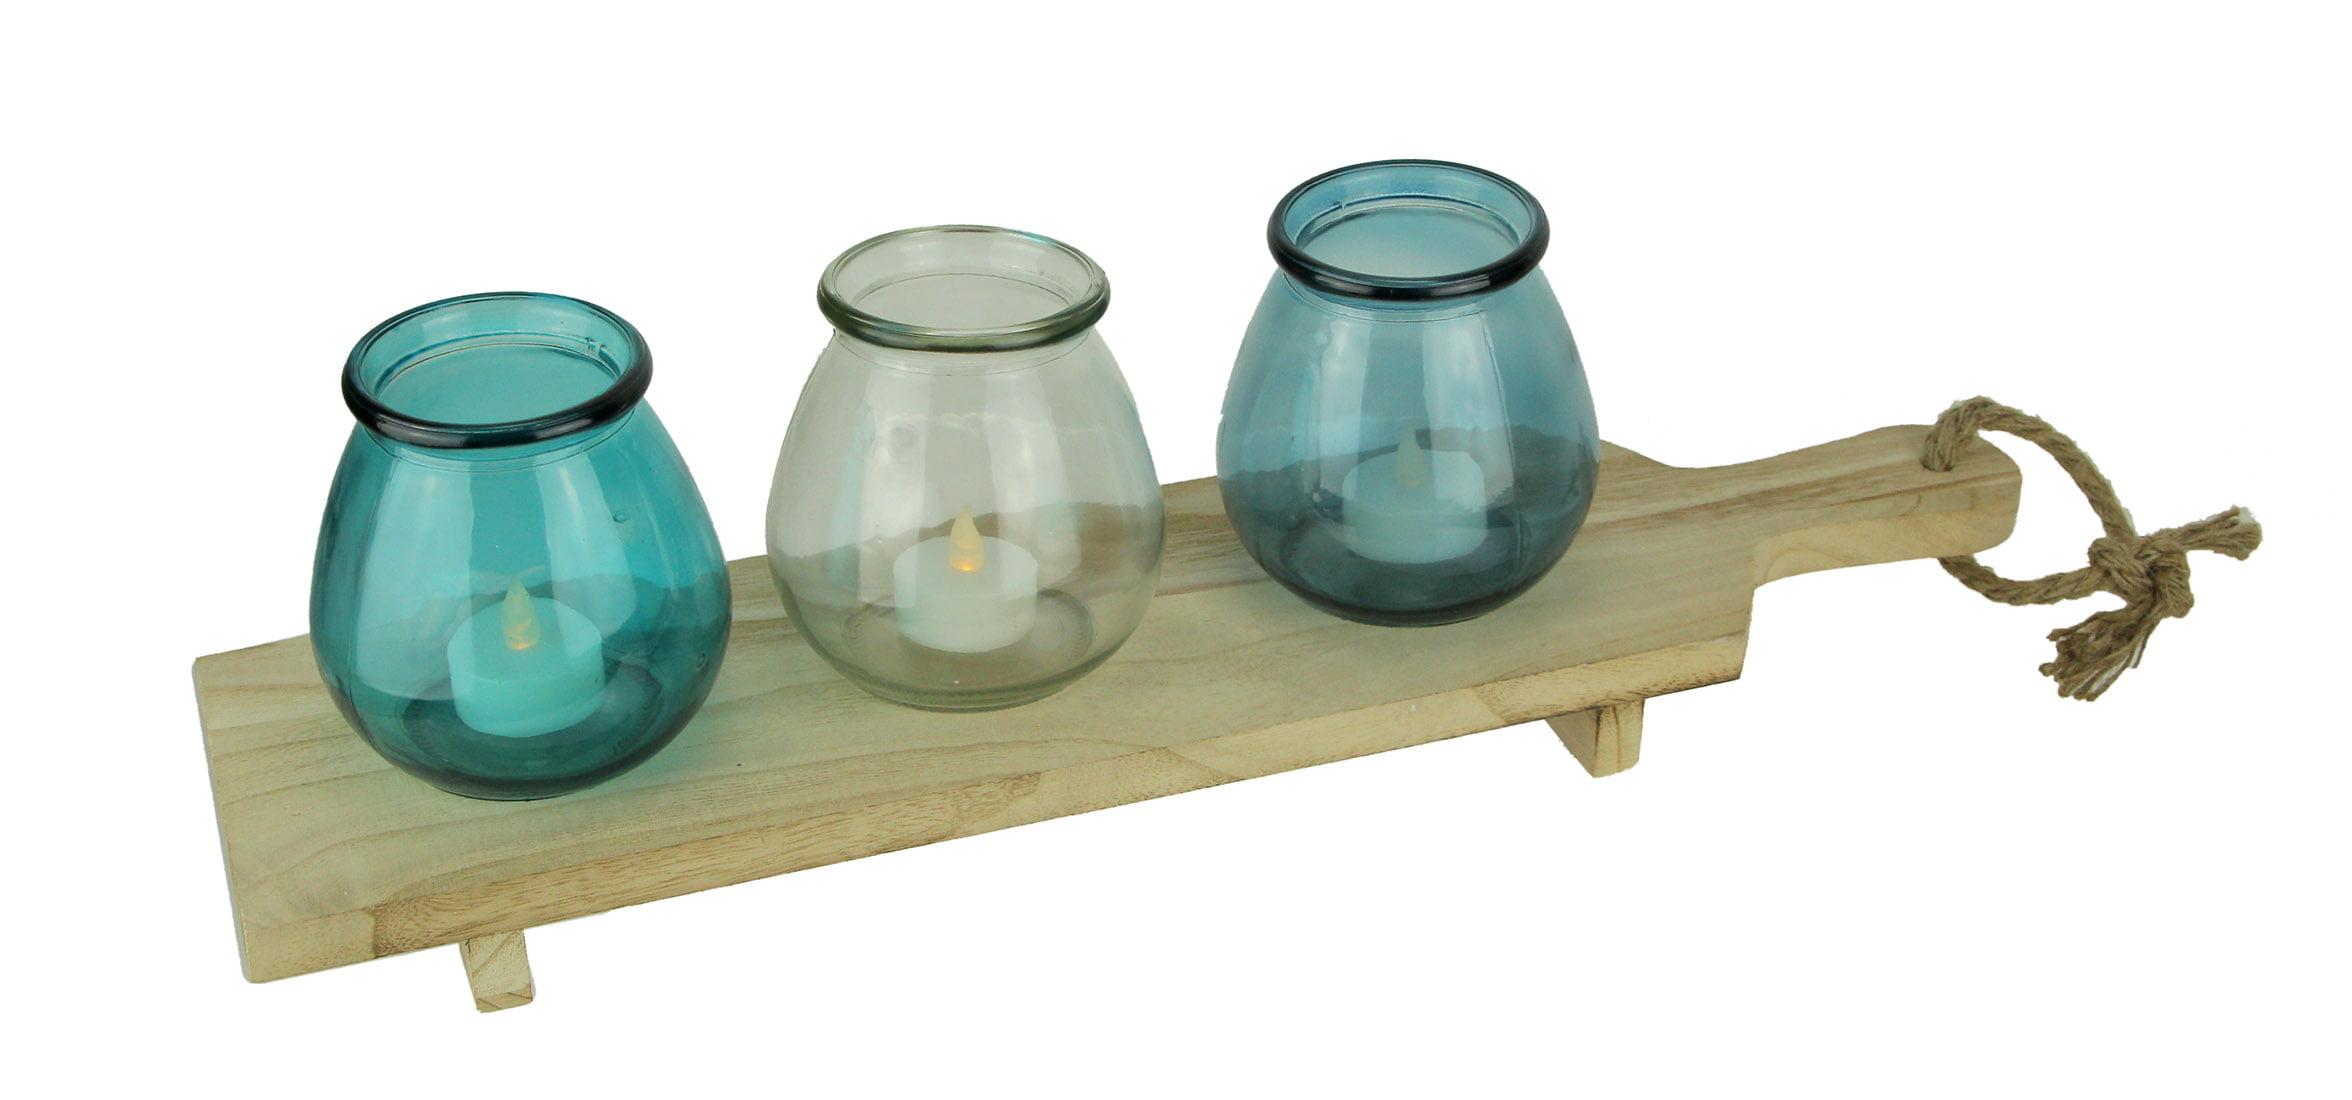 Coastal Blue Glass 3 Votive Candle Holders On Wood Tray Set Walmart Com Walmart Com